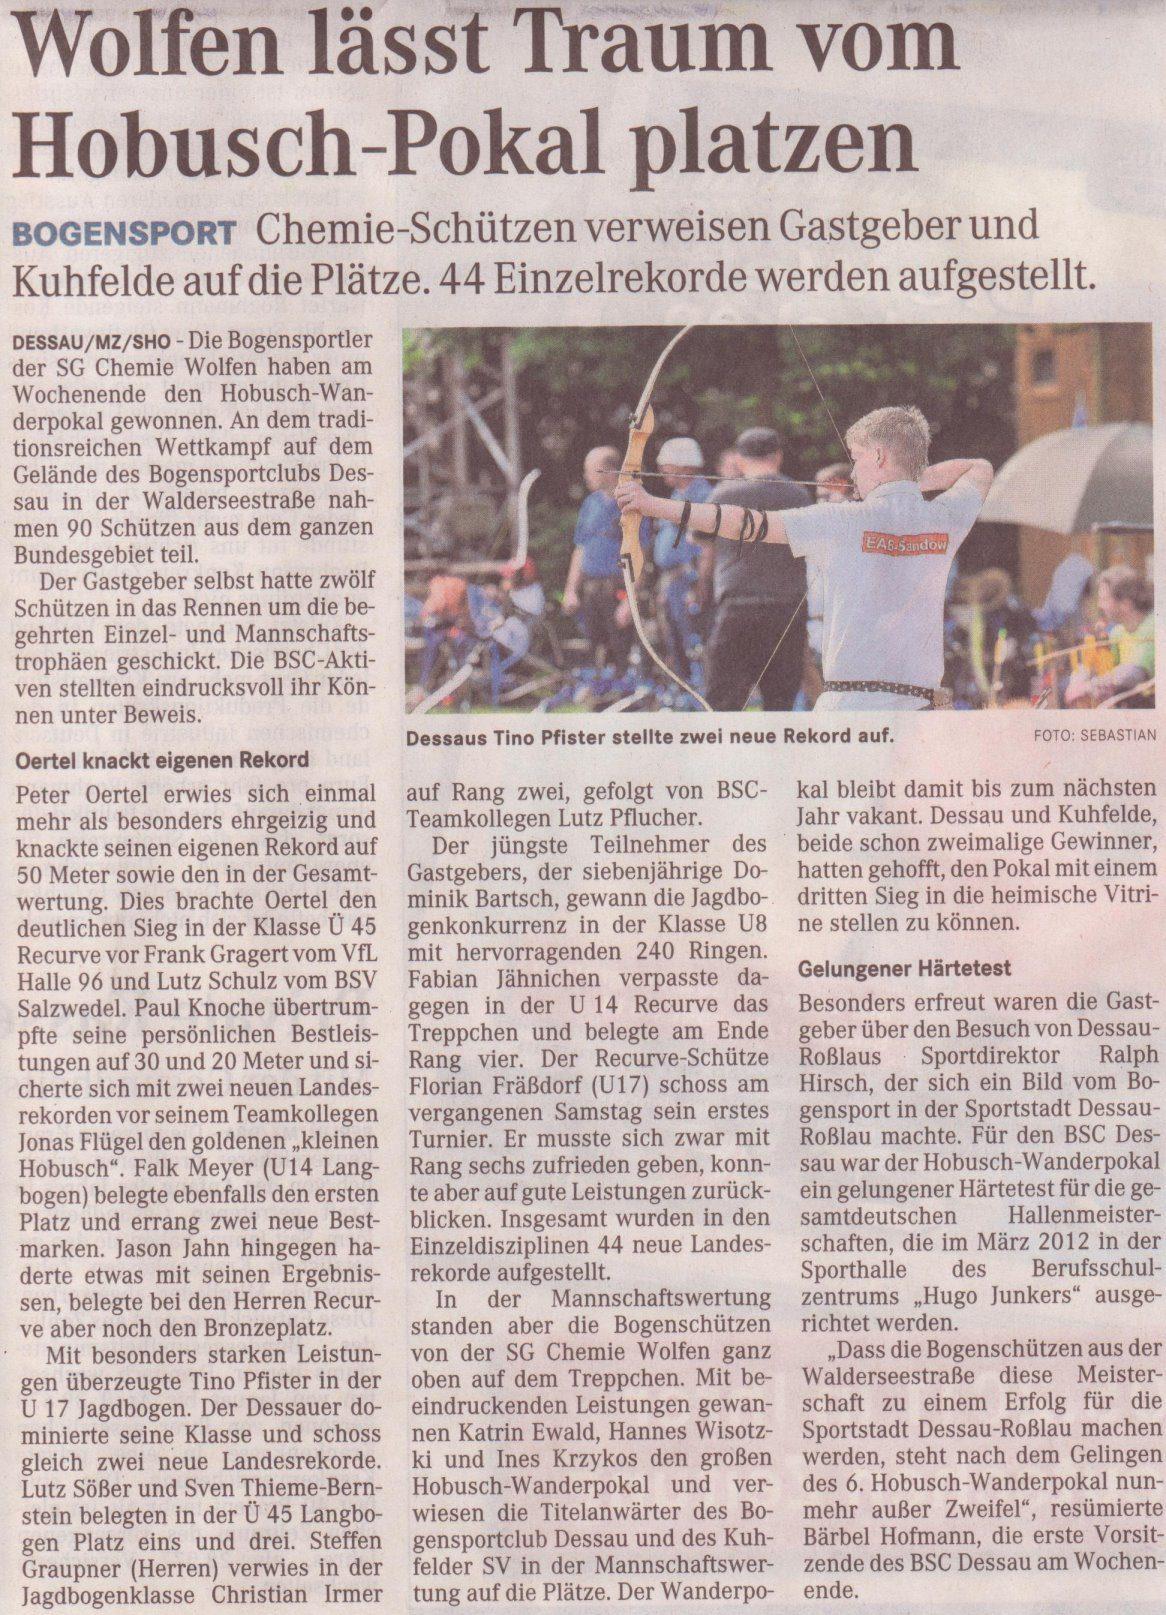 6. Hobusch- Wanderpokal – Mitteldeutsche Zeitung vom 16.05.2011